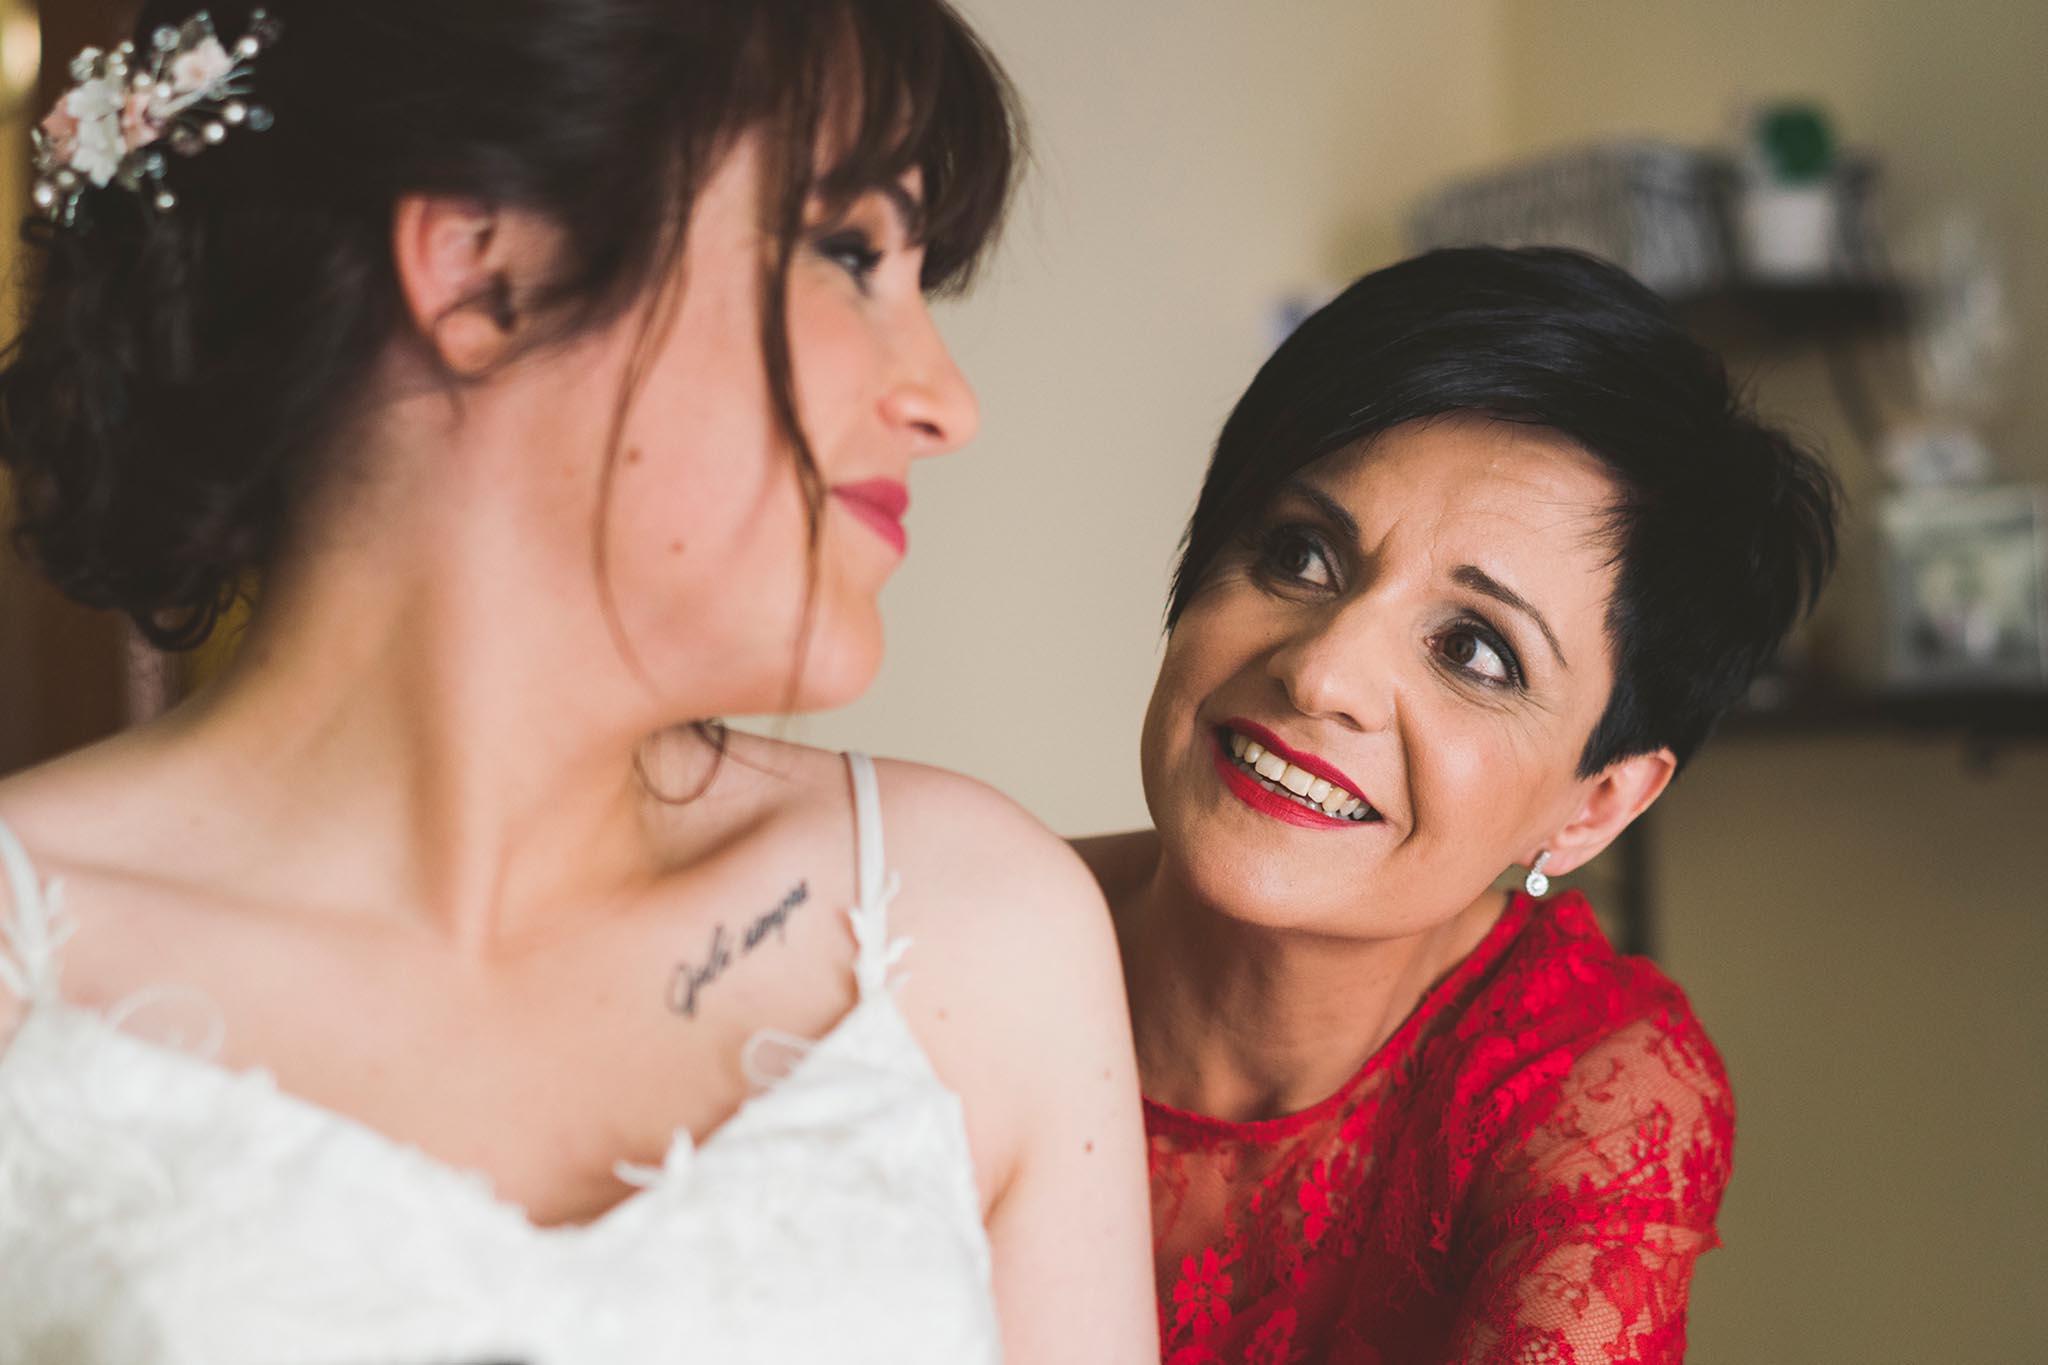 La mirada entre la novia y su madre.